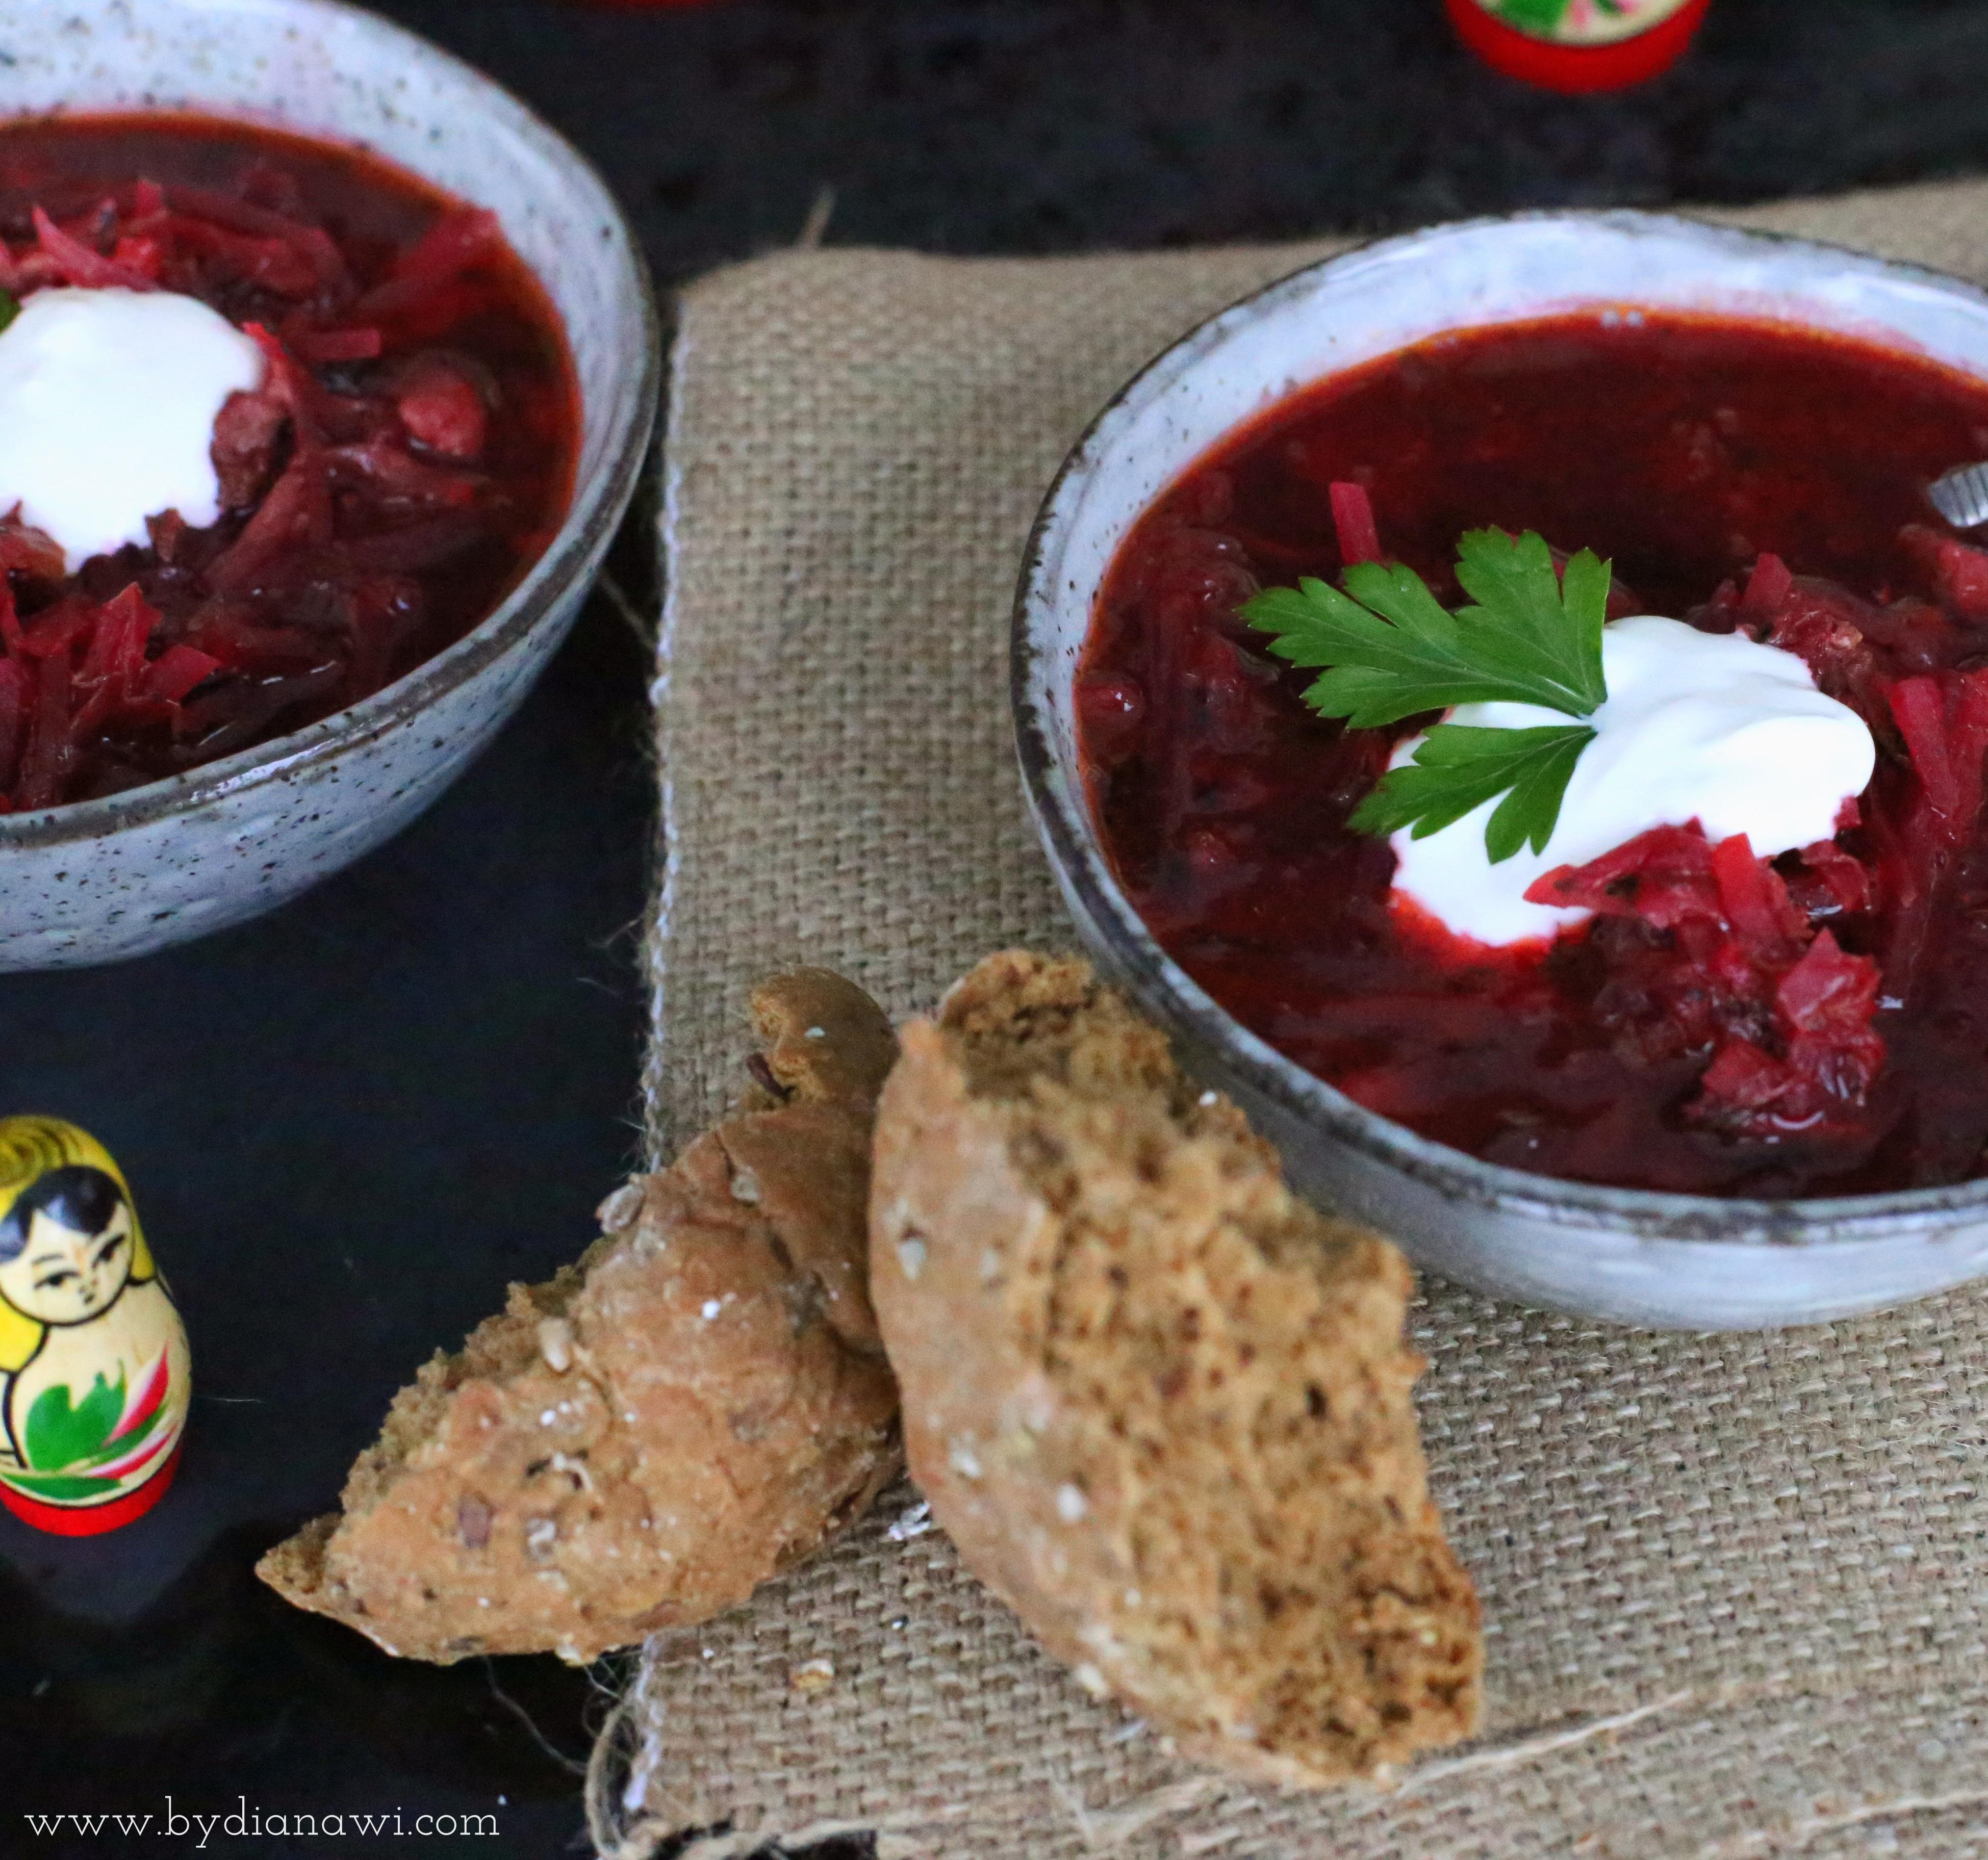 russisk borsch suppe opskrift, rødbedesuppe